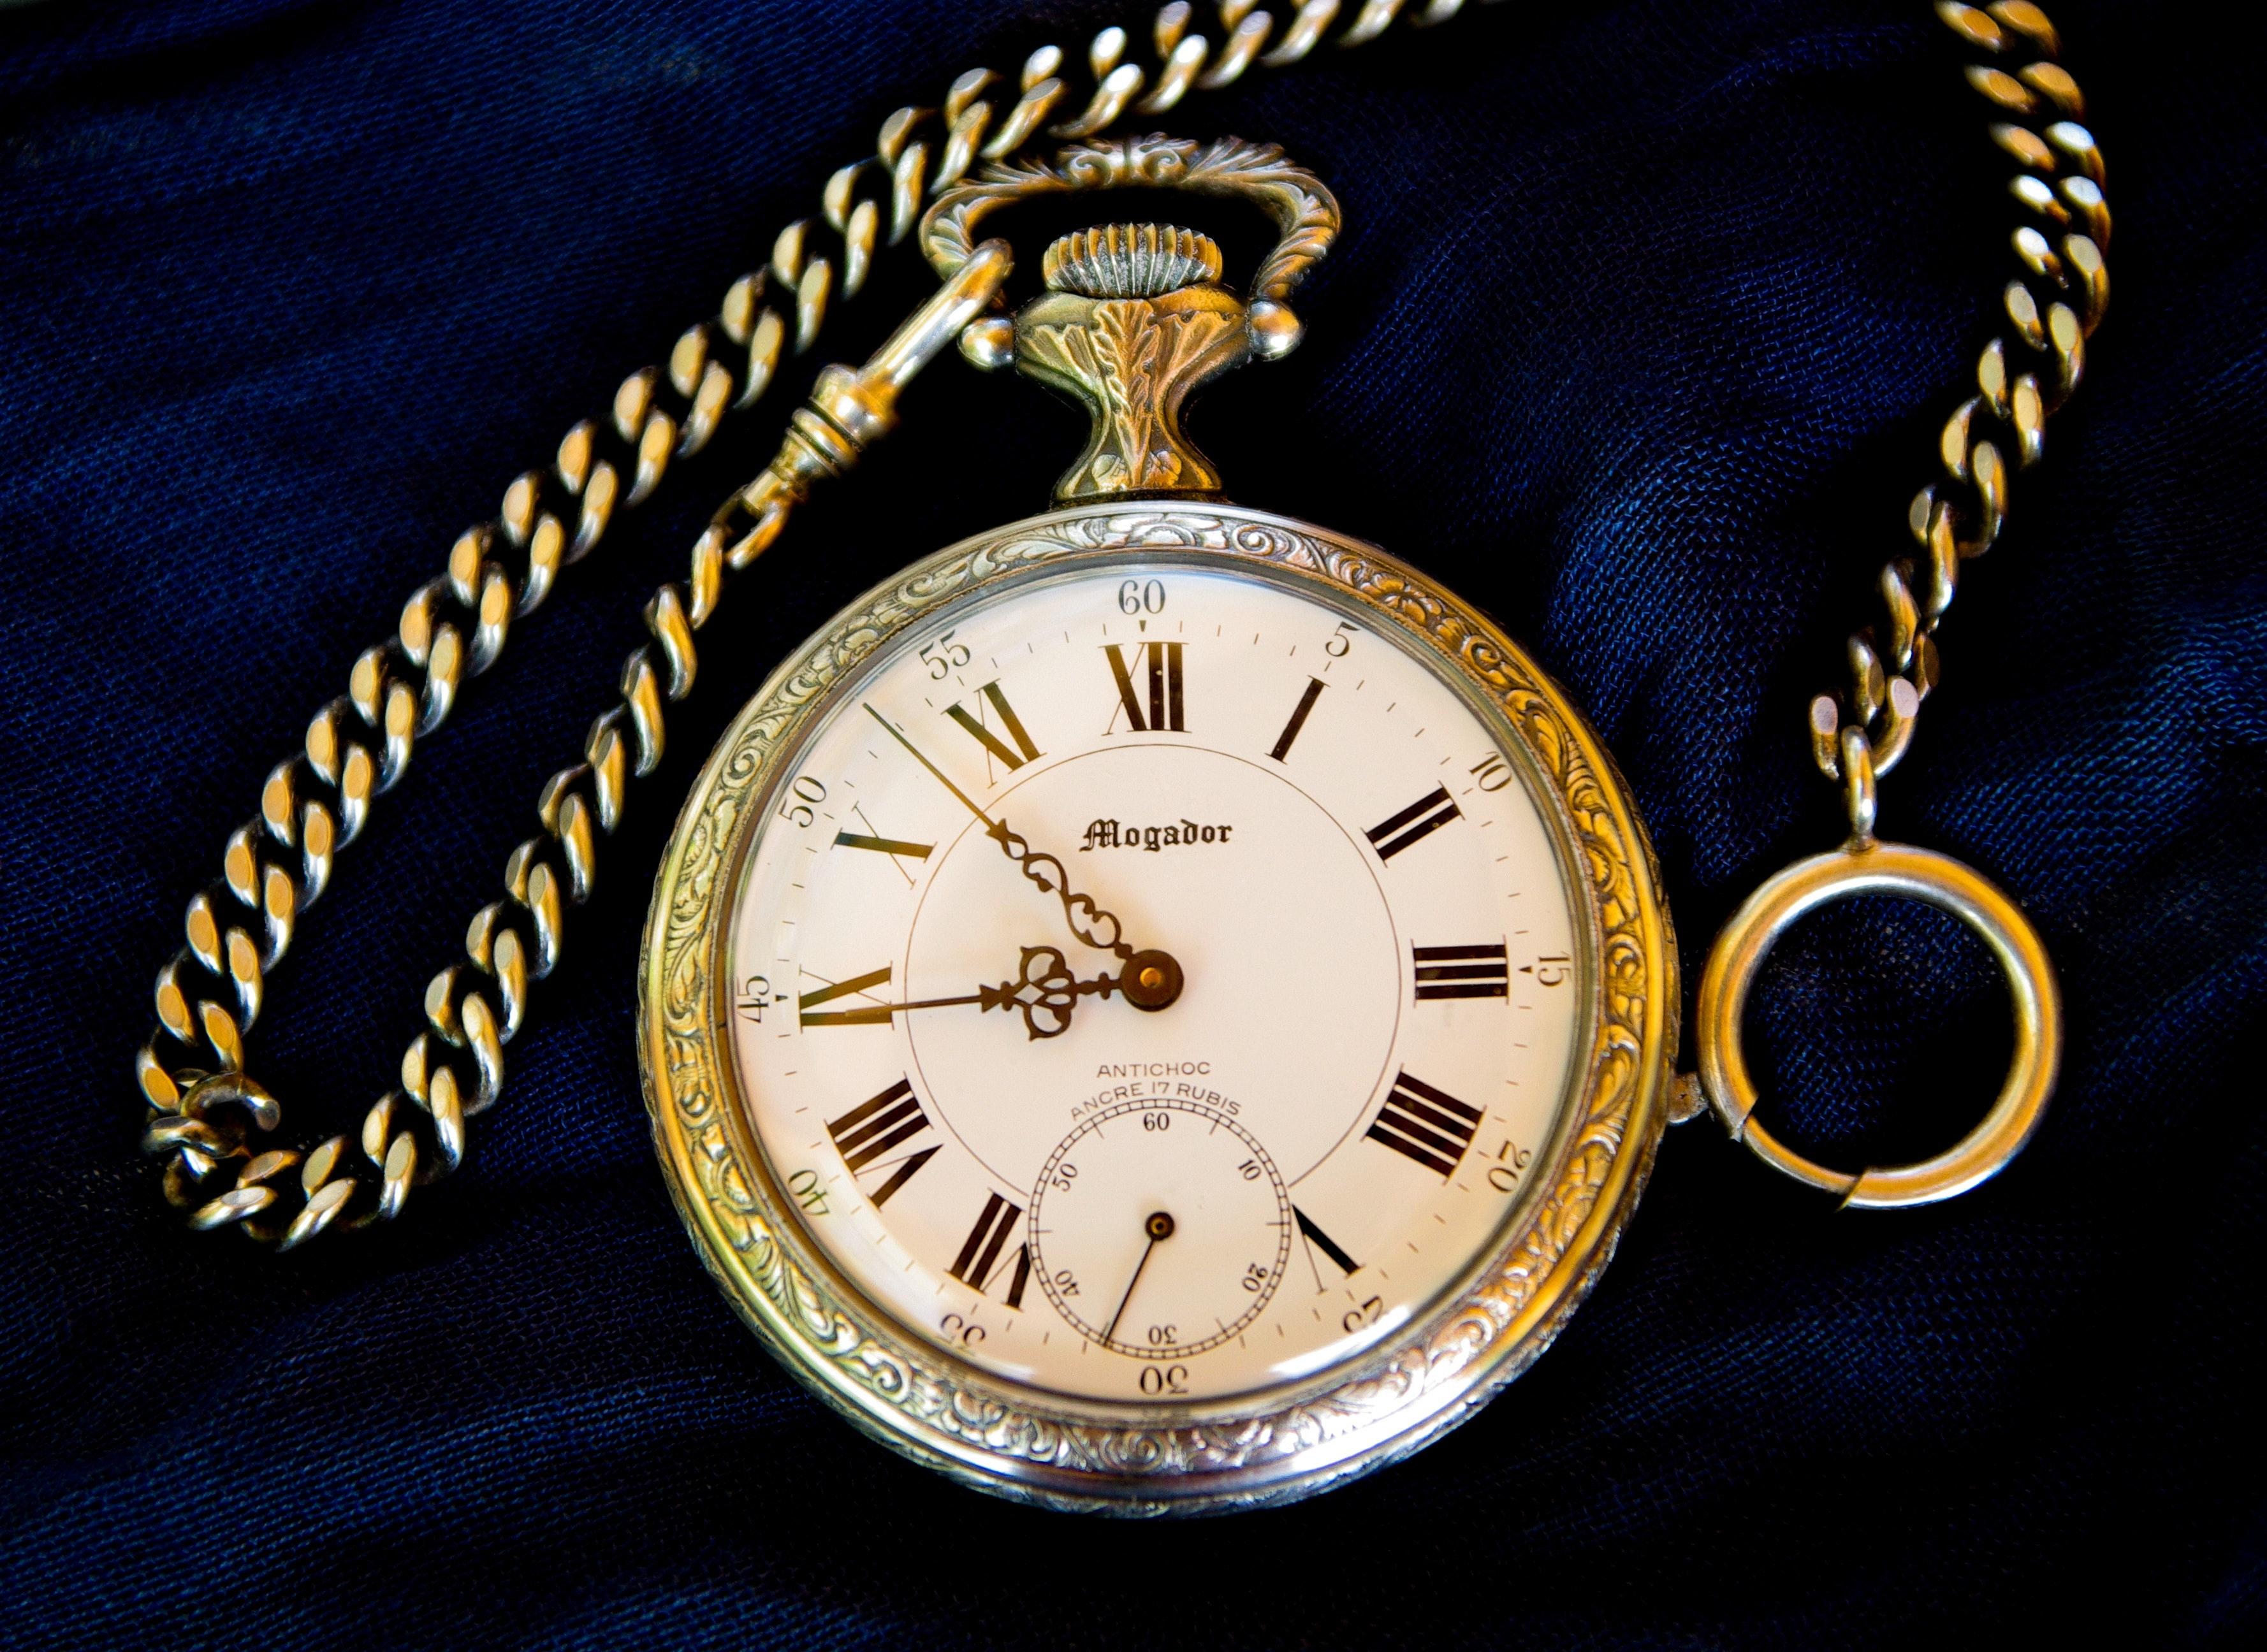 Starožitné hodinky – historie a zajímavosti dárku s opravdovou hodnotou